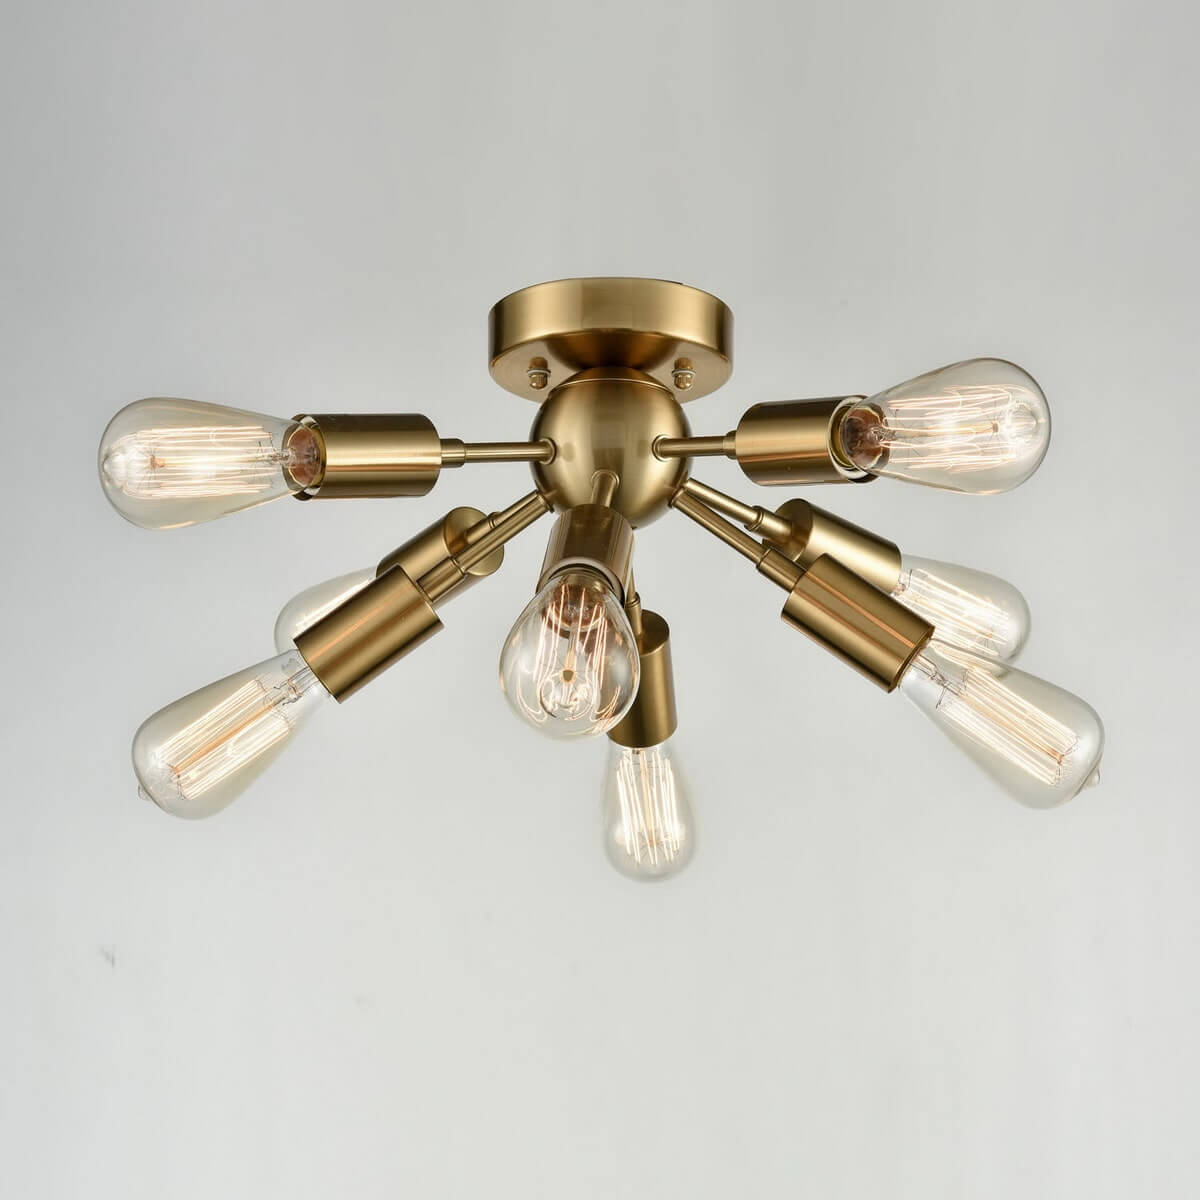 Modern Brass Sputnik Ceiling Light 8-light Flush Mount Fixture